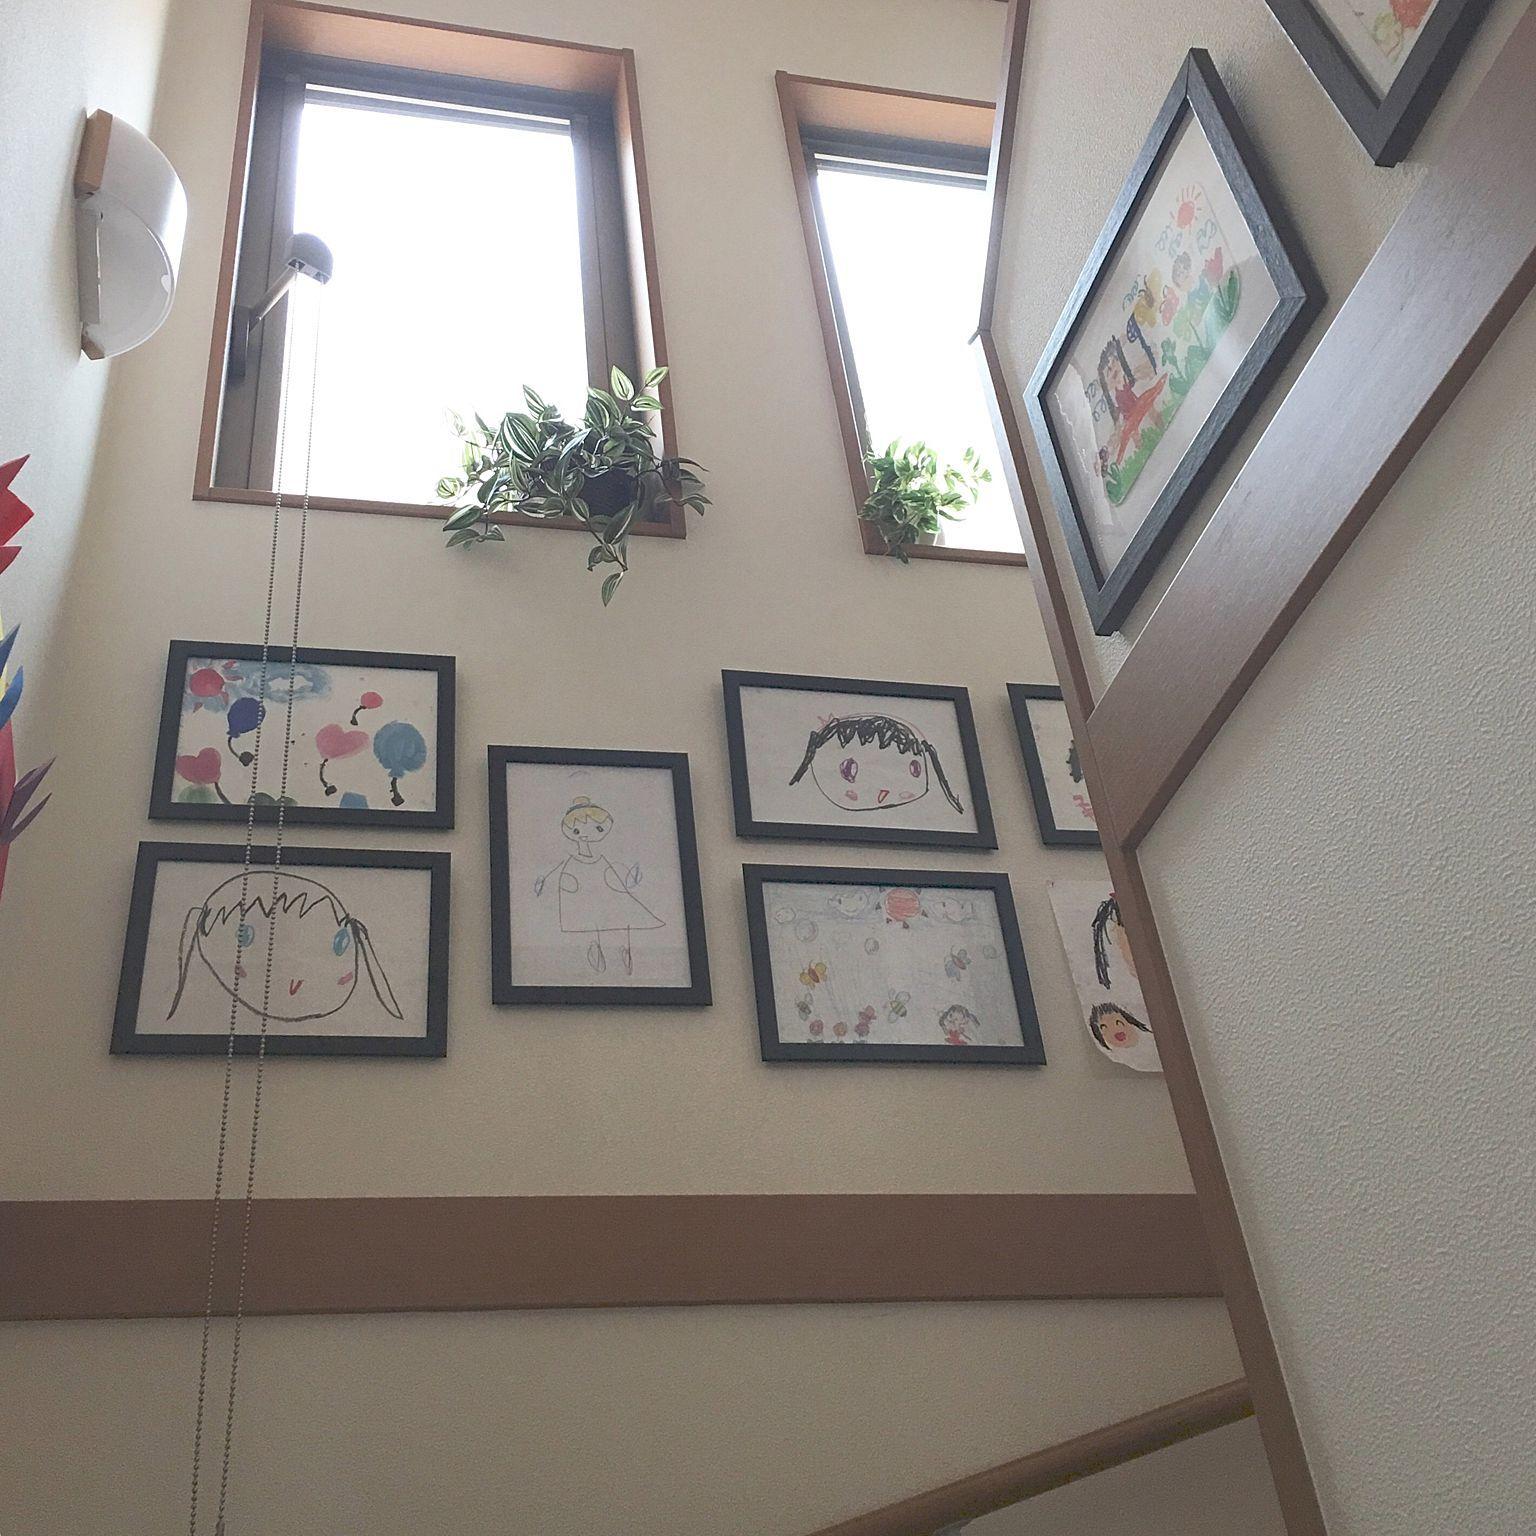 壁 天井 子供の絵を飾る 壁面ディスプレイ 子供の作品 子供がいる家